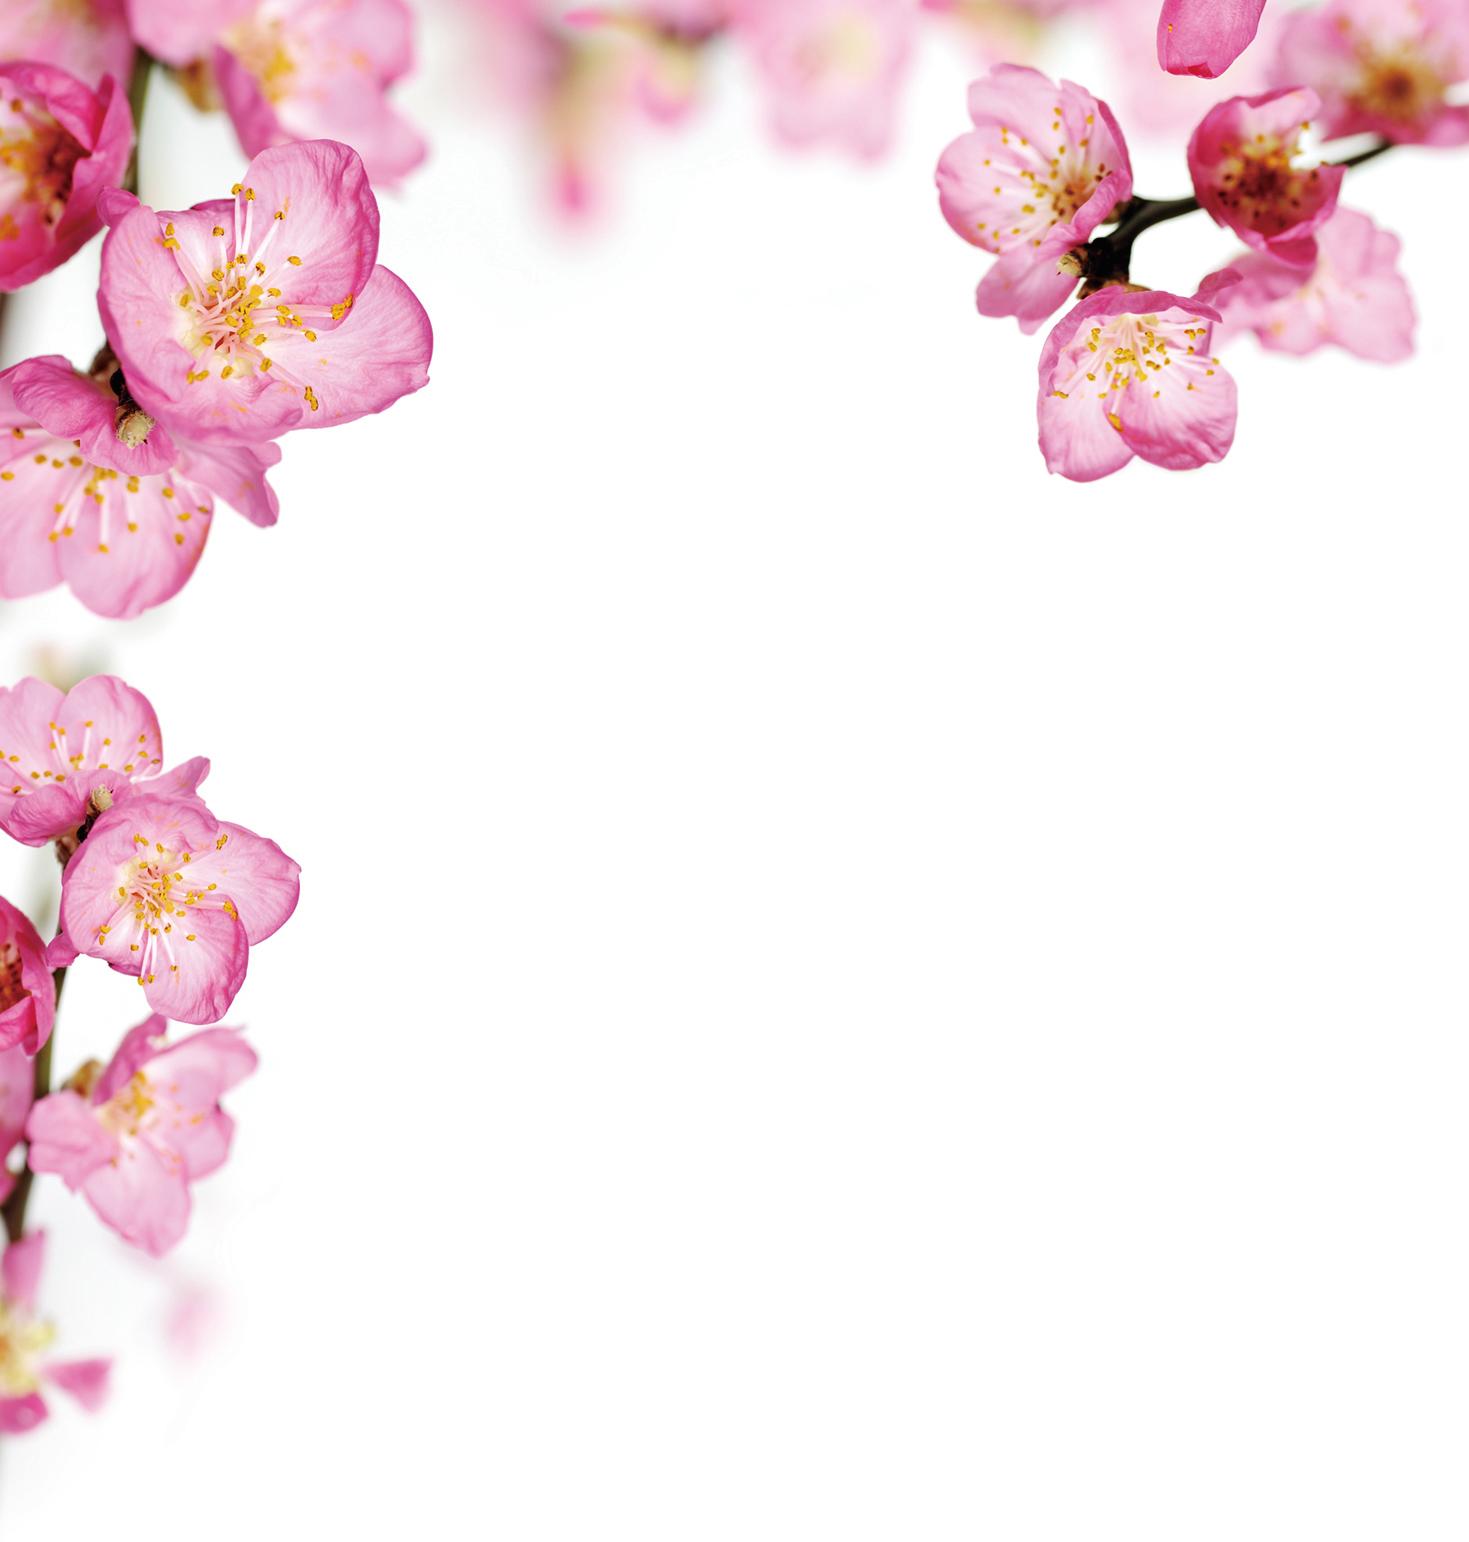 「驚蟄」春不老  花朝對月夕